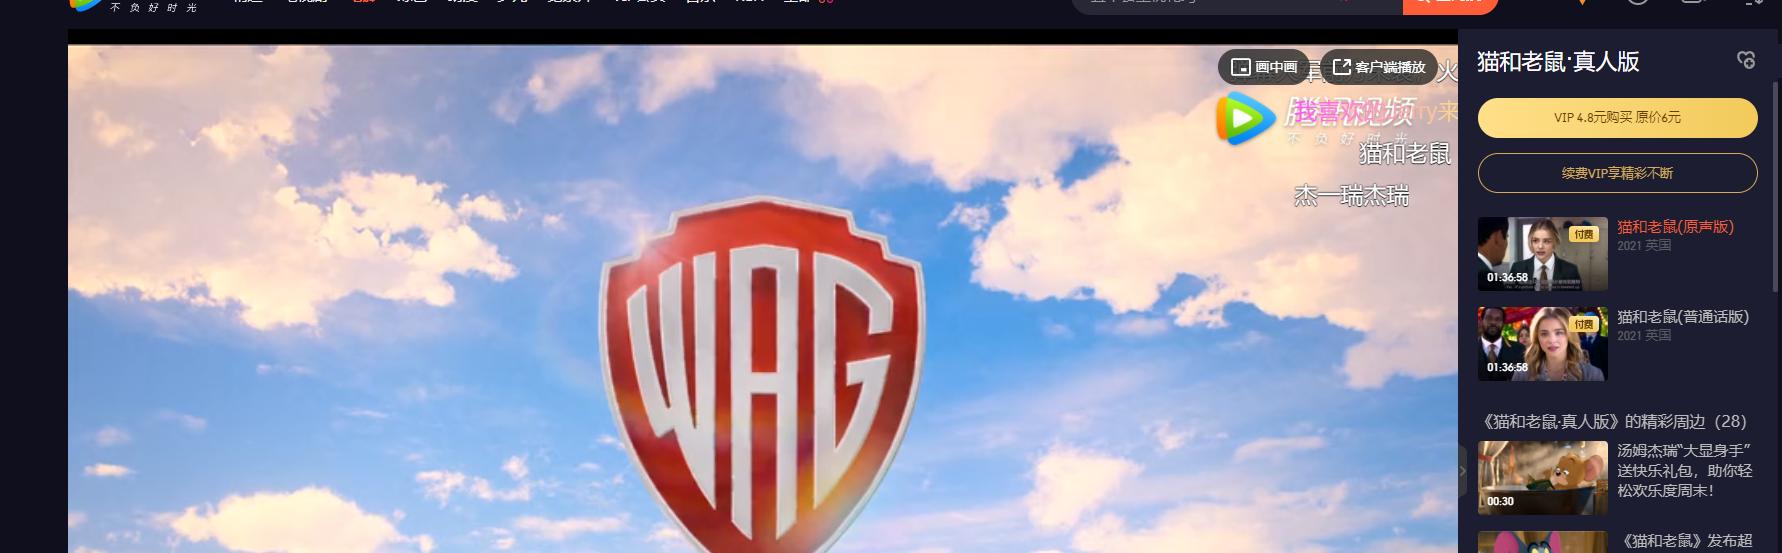 各大视频网站vip付费资源解析